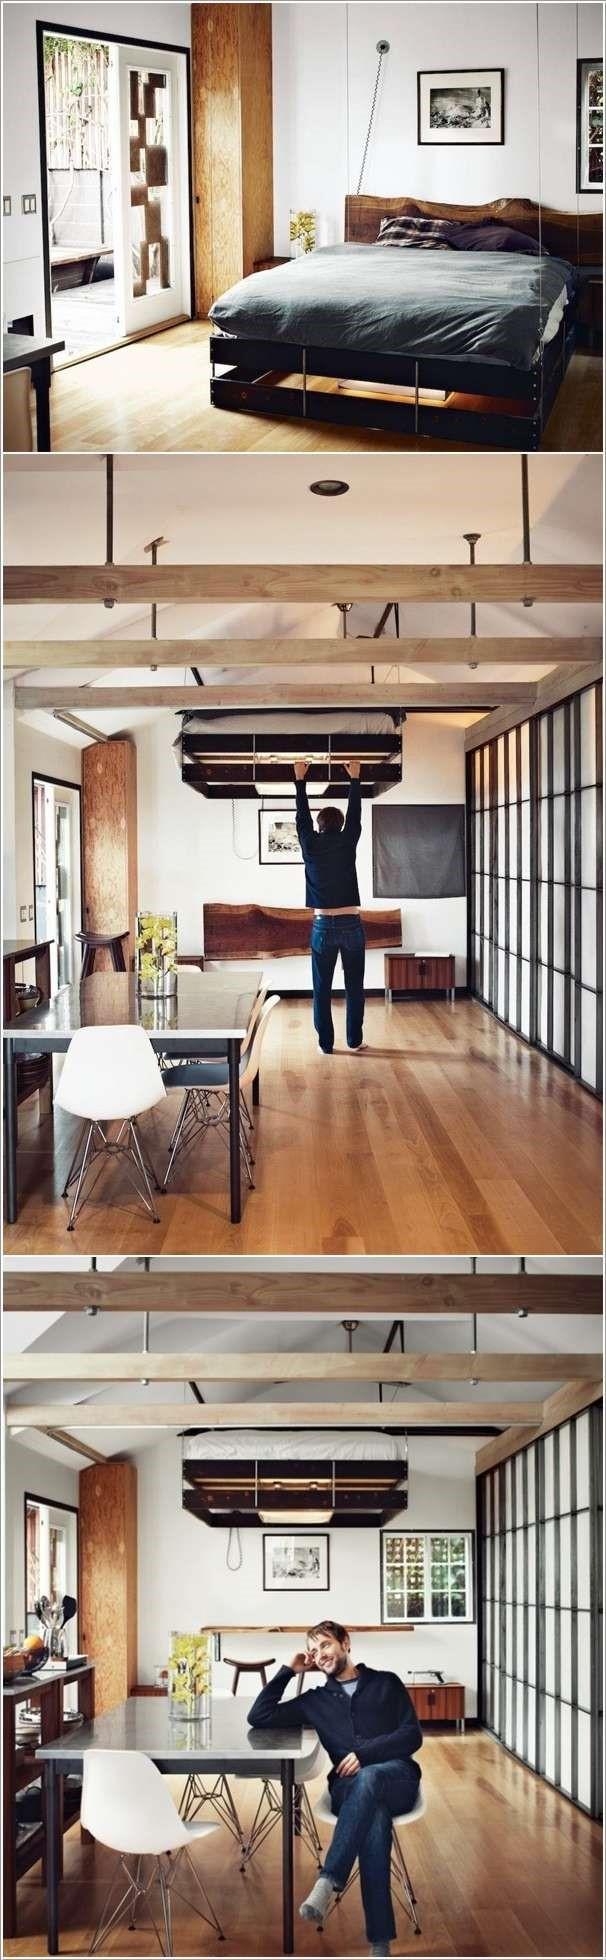 3 Retractable Bed via simphome